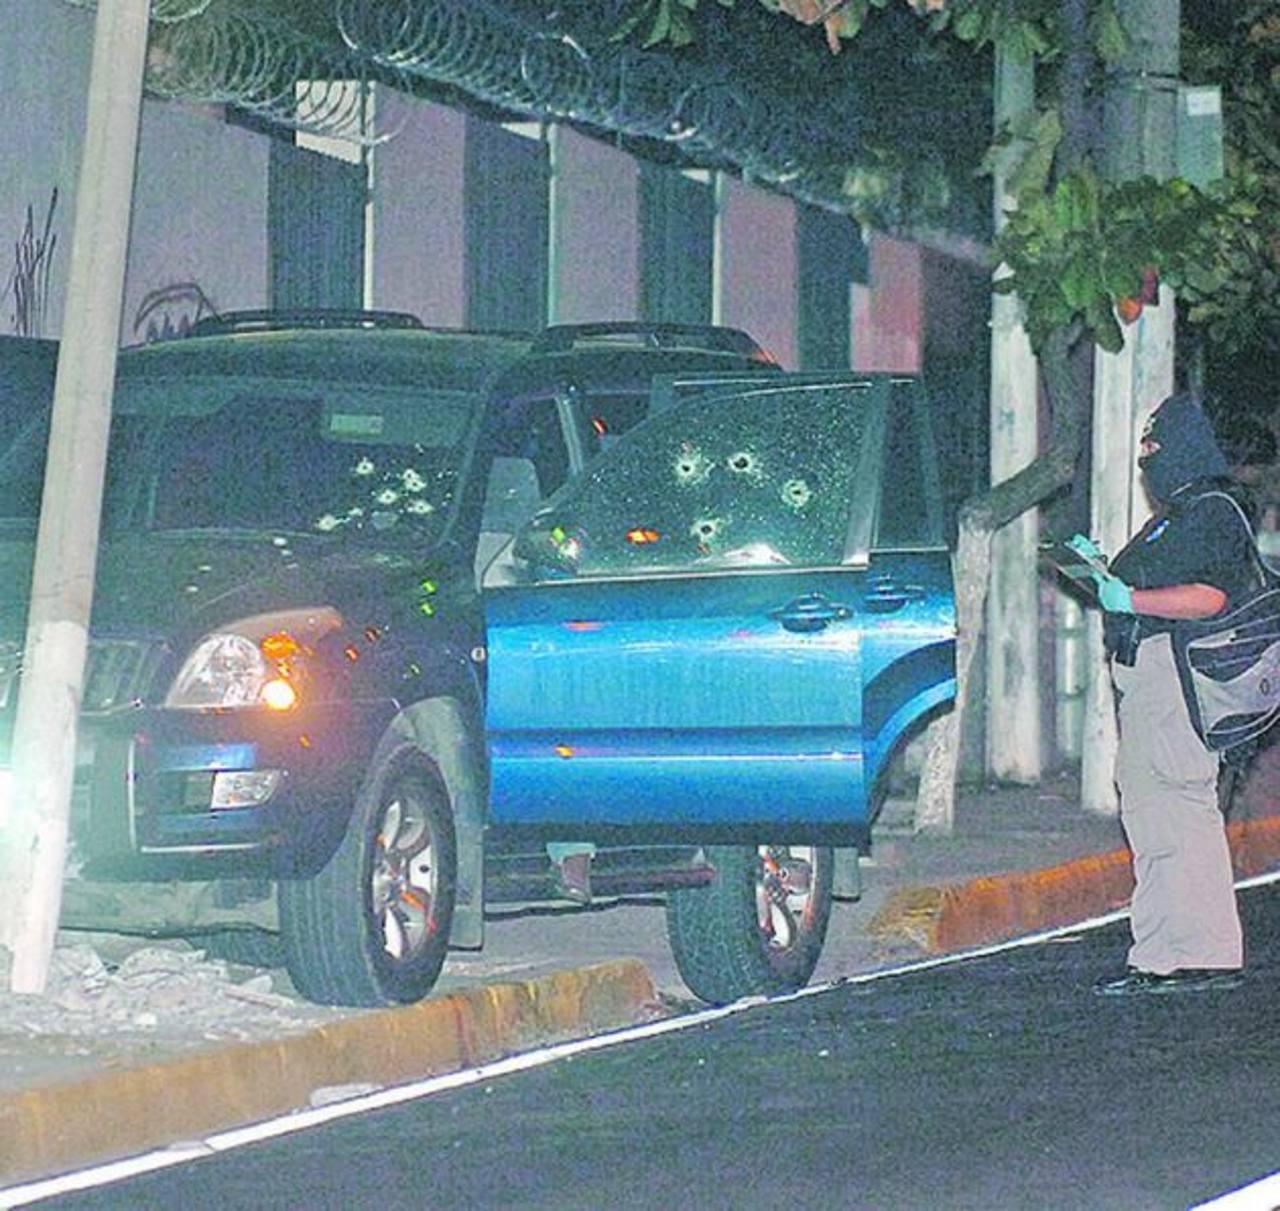 Camioneta en la que el 27 de marzo de 2012 fue asesinado Agustín Ernesto Parada Henríquez, en San Salvador. Foto EDH / Archivo